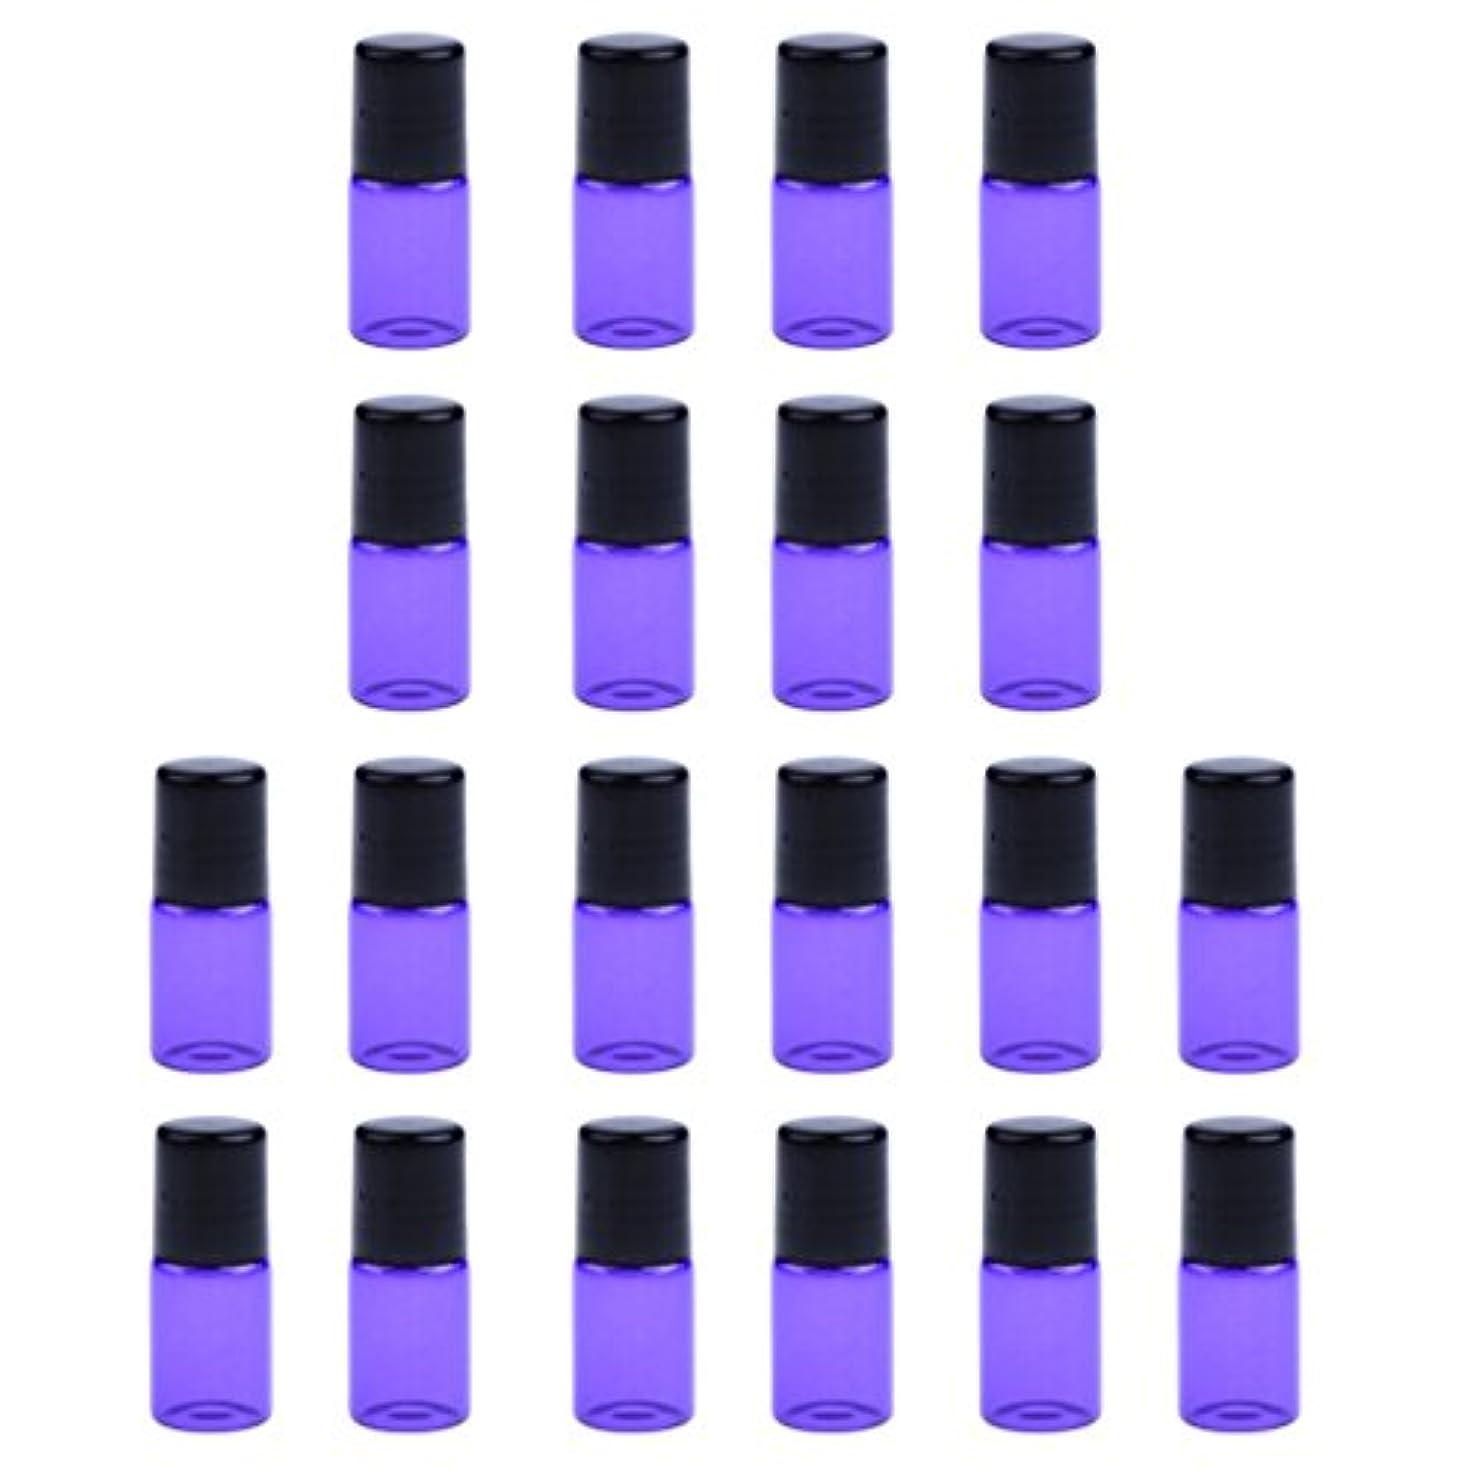 豊富な傑作本部約20個 空ボトル ガラスロール コスメ用 詰替え 容器 オイル 香水 ガラス瓶 プラスチックブラックキャップ 全4色3サイズ選べる - 紫, 1ML